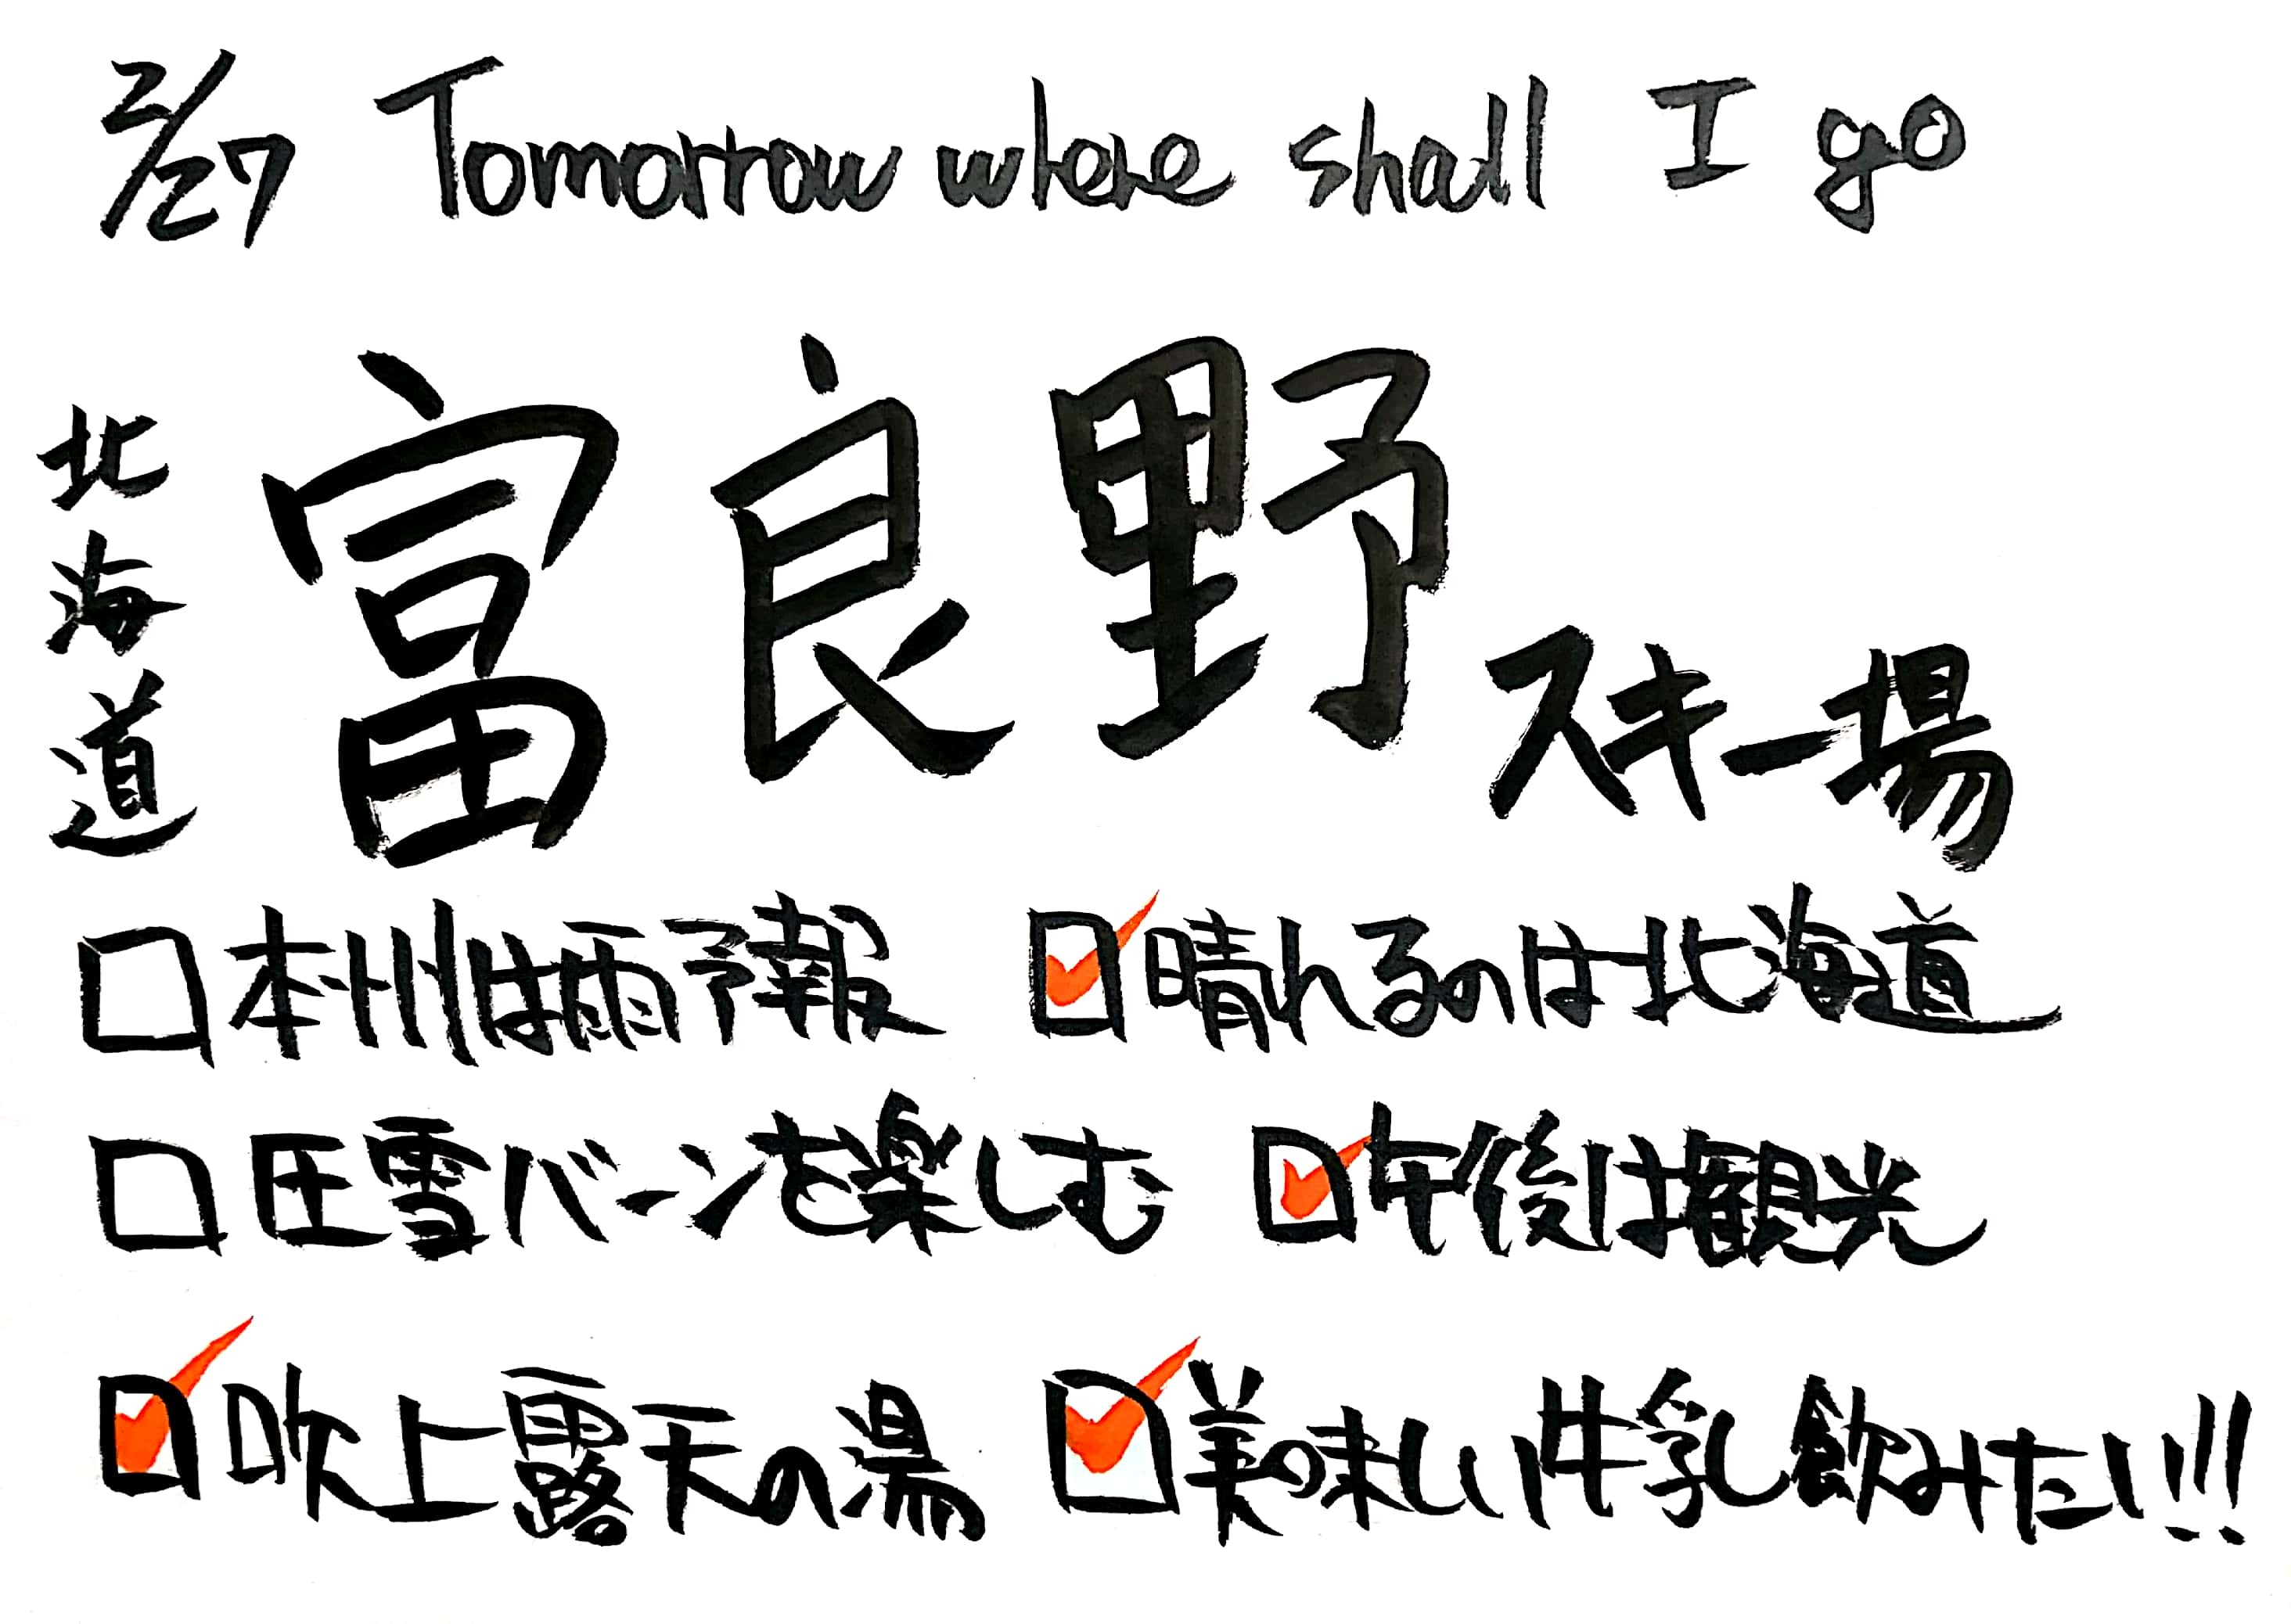 【アスドコ】明日はどこへ行こう_e0037849_23225179.jpg